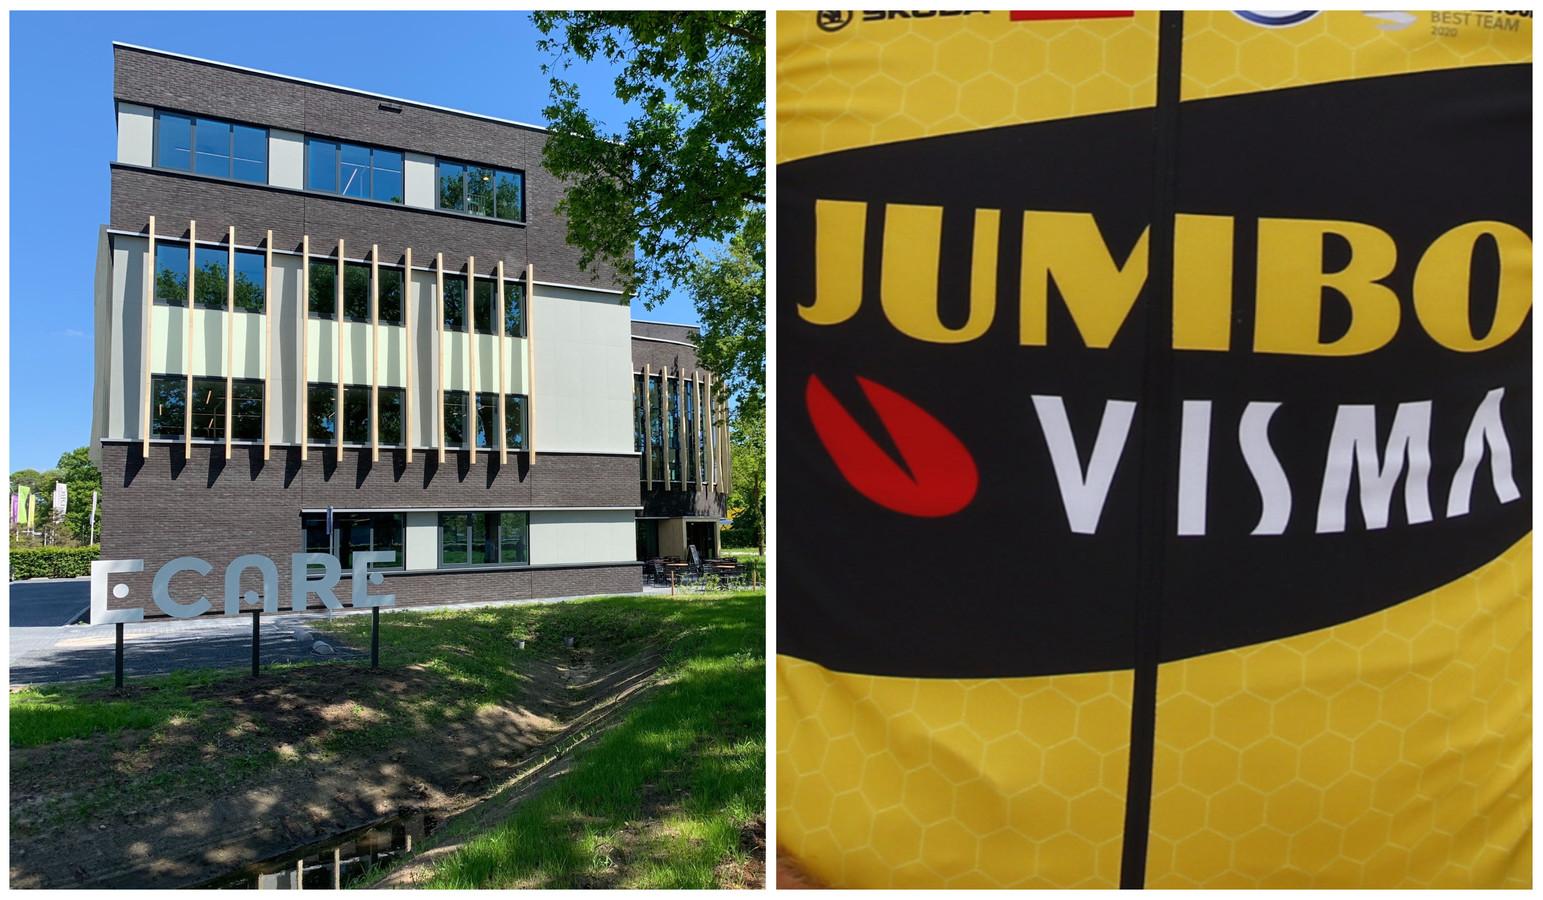 Het kantoor van Ecare in Enschede en rechts het logo van JumboVisma, de succesvolle wielerploeg waar Visma zijn naam aan heeft verleend.